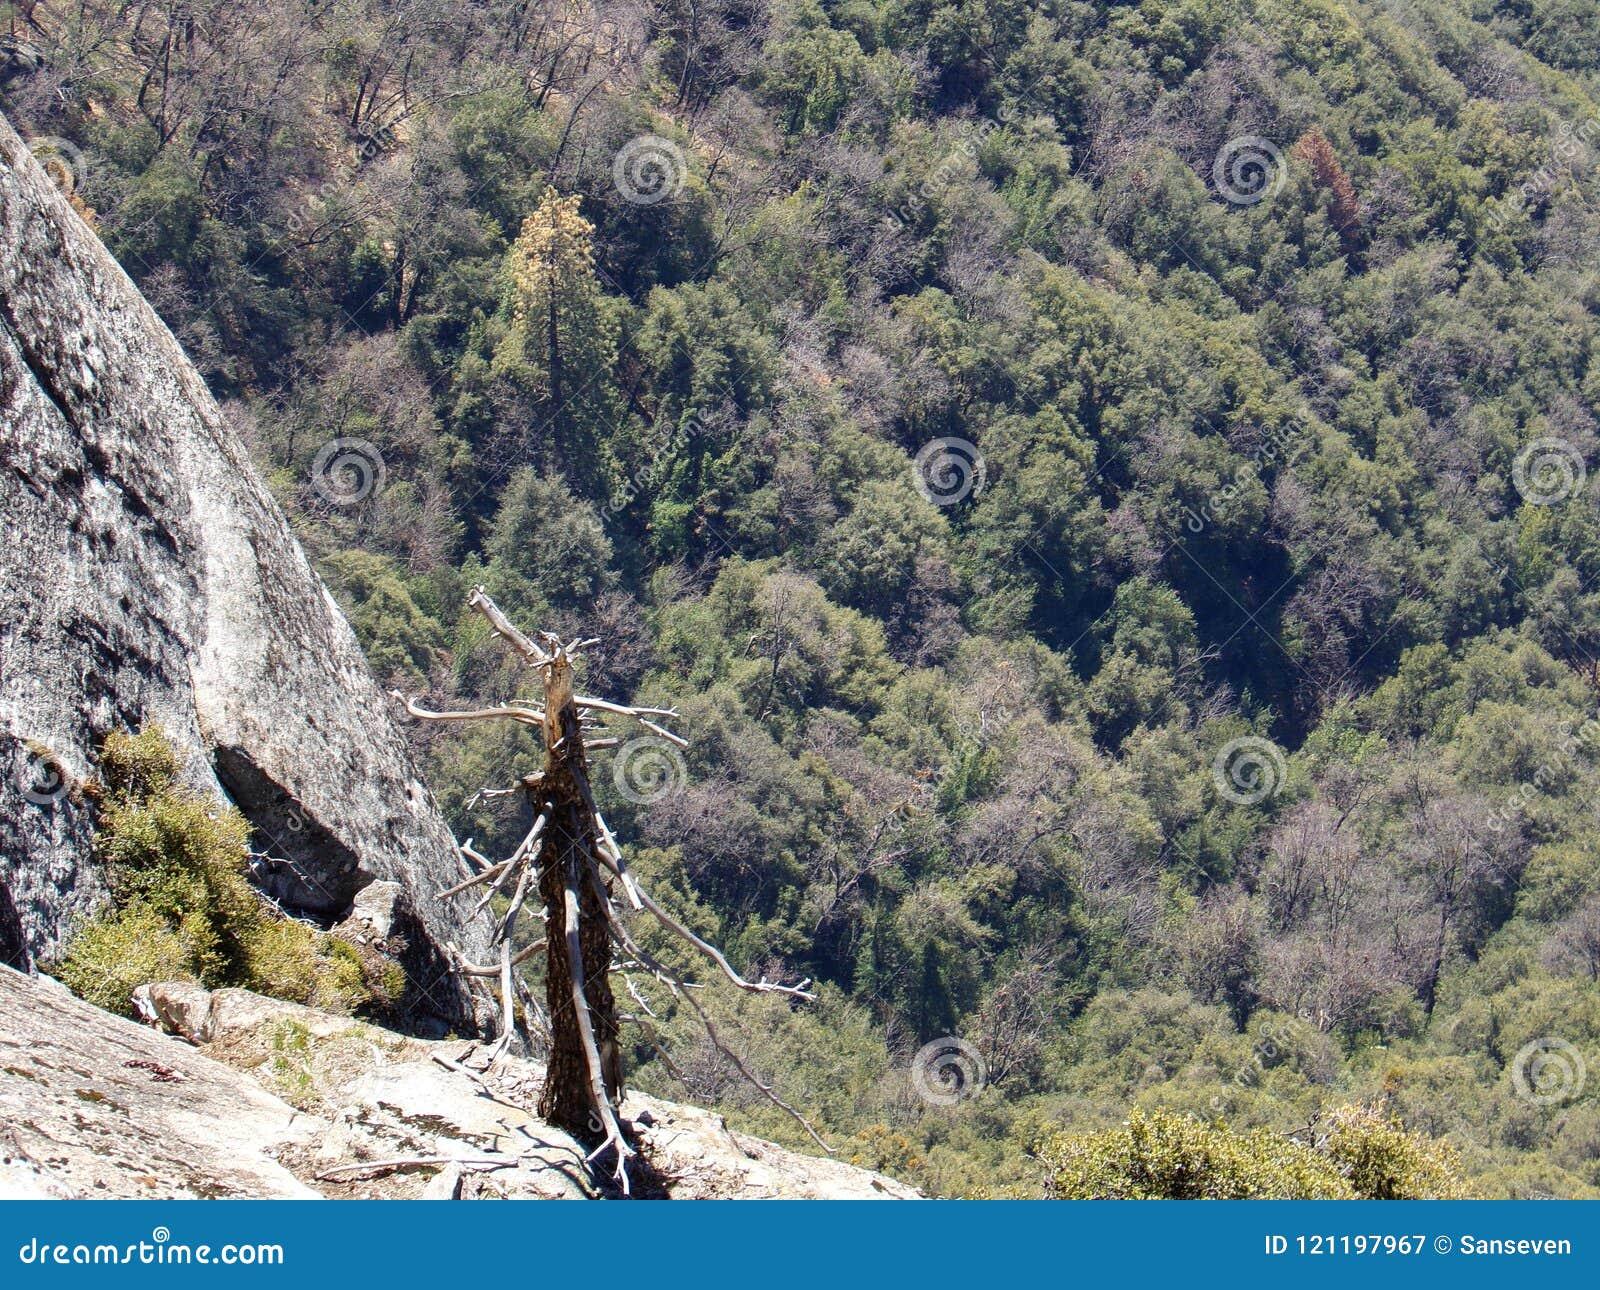 Eenzame opgedroogde boom op de Bovenkant van Moro Rock met zijn vast gesteentetextuur, die bergen en valleien overzien - Sequoia